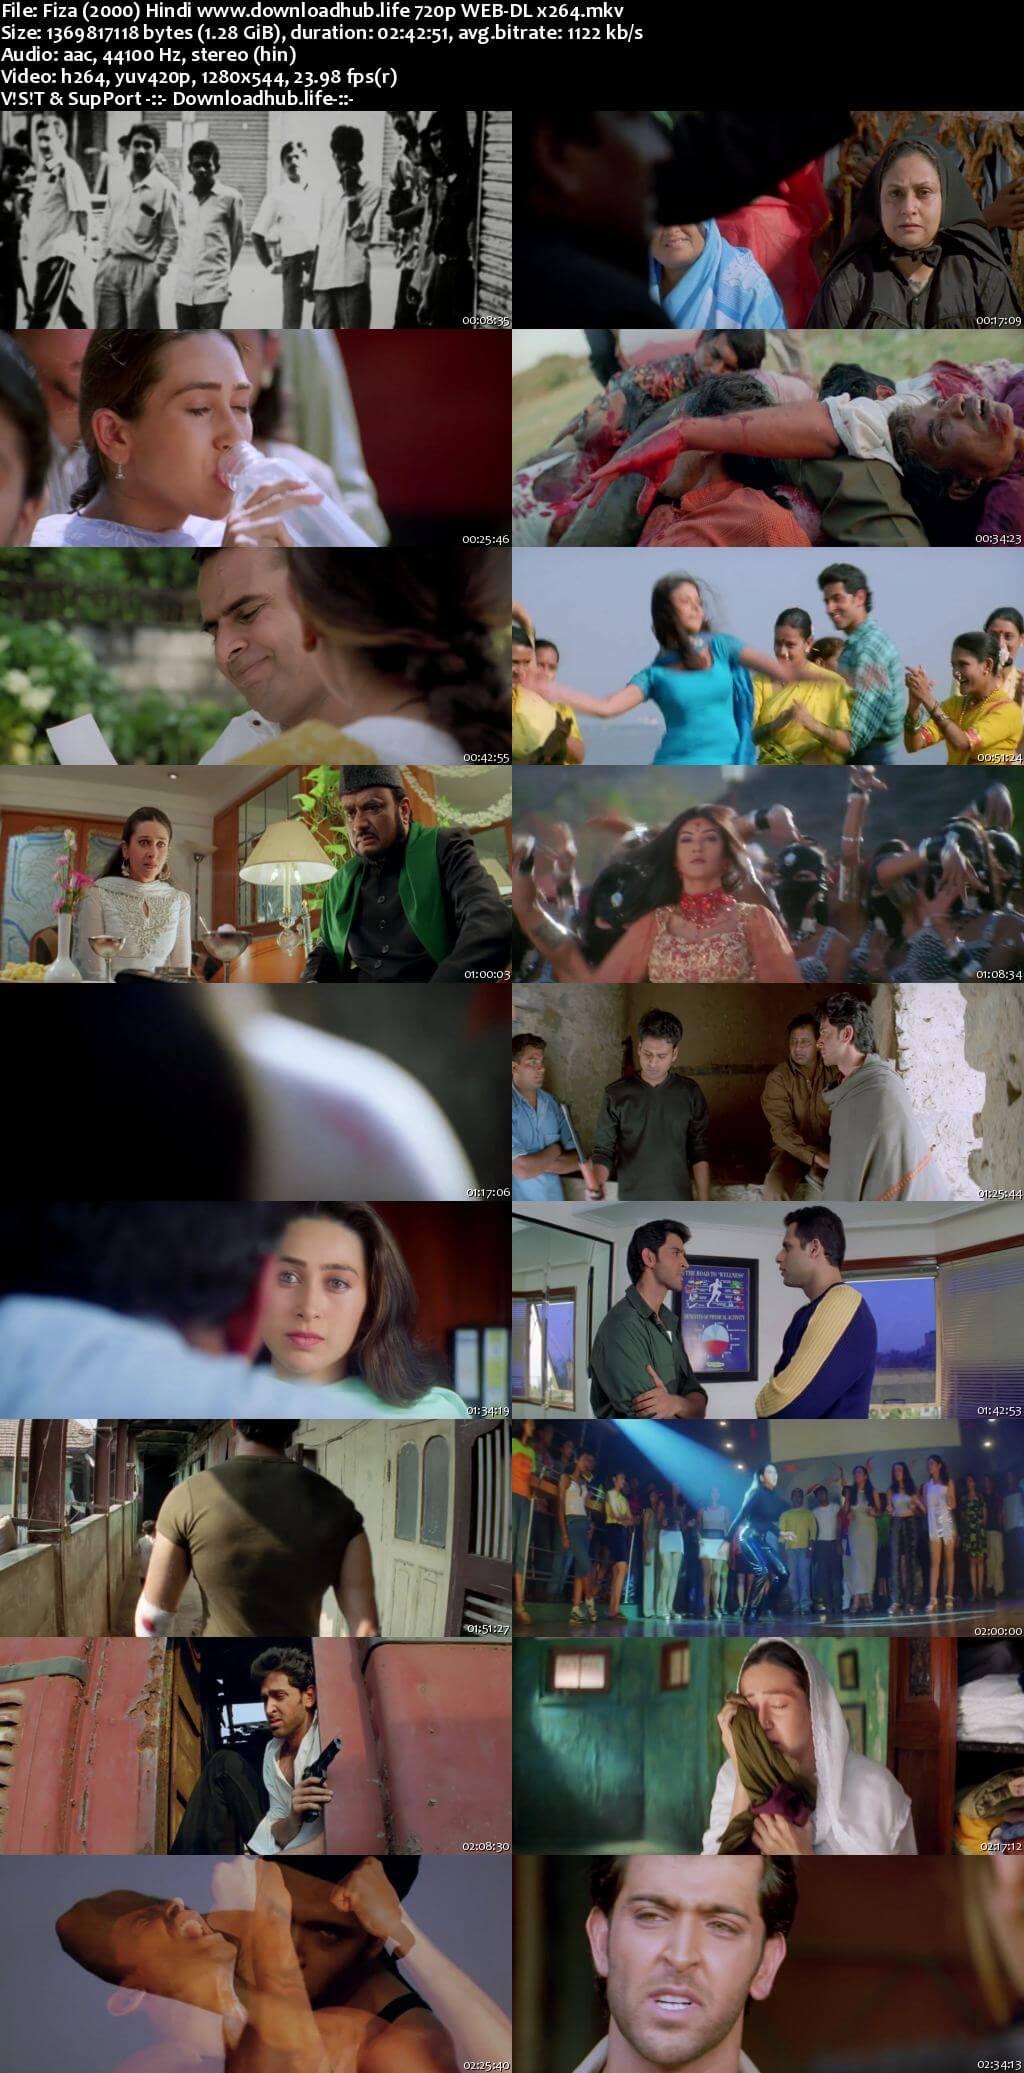 Fiza 2000 Hindi 720p HDRip x264